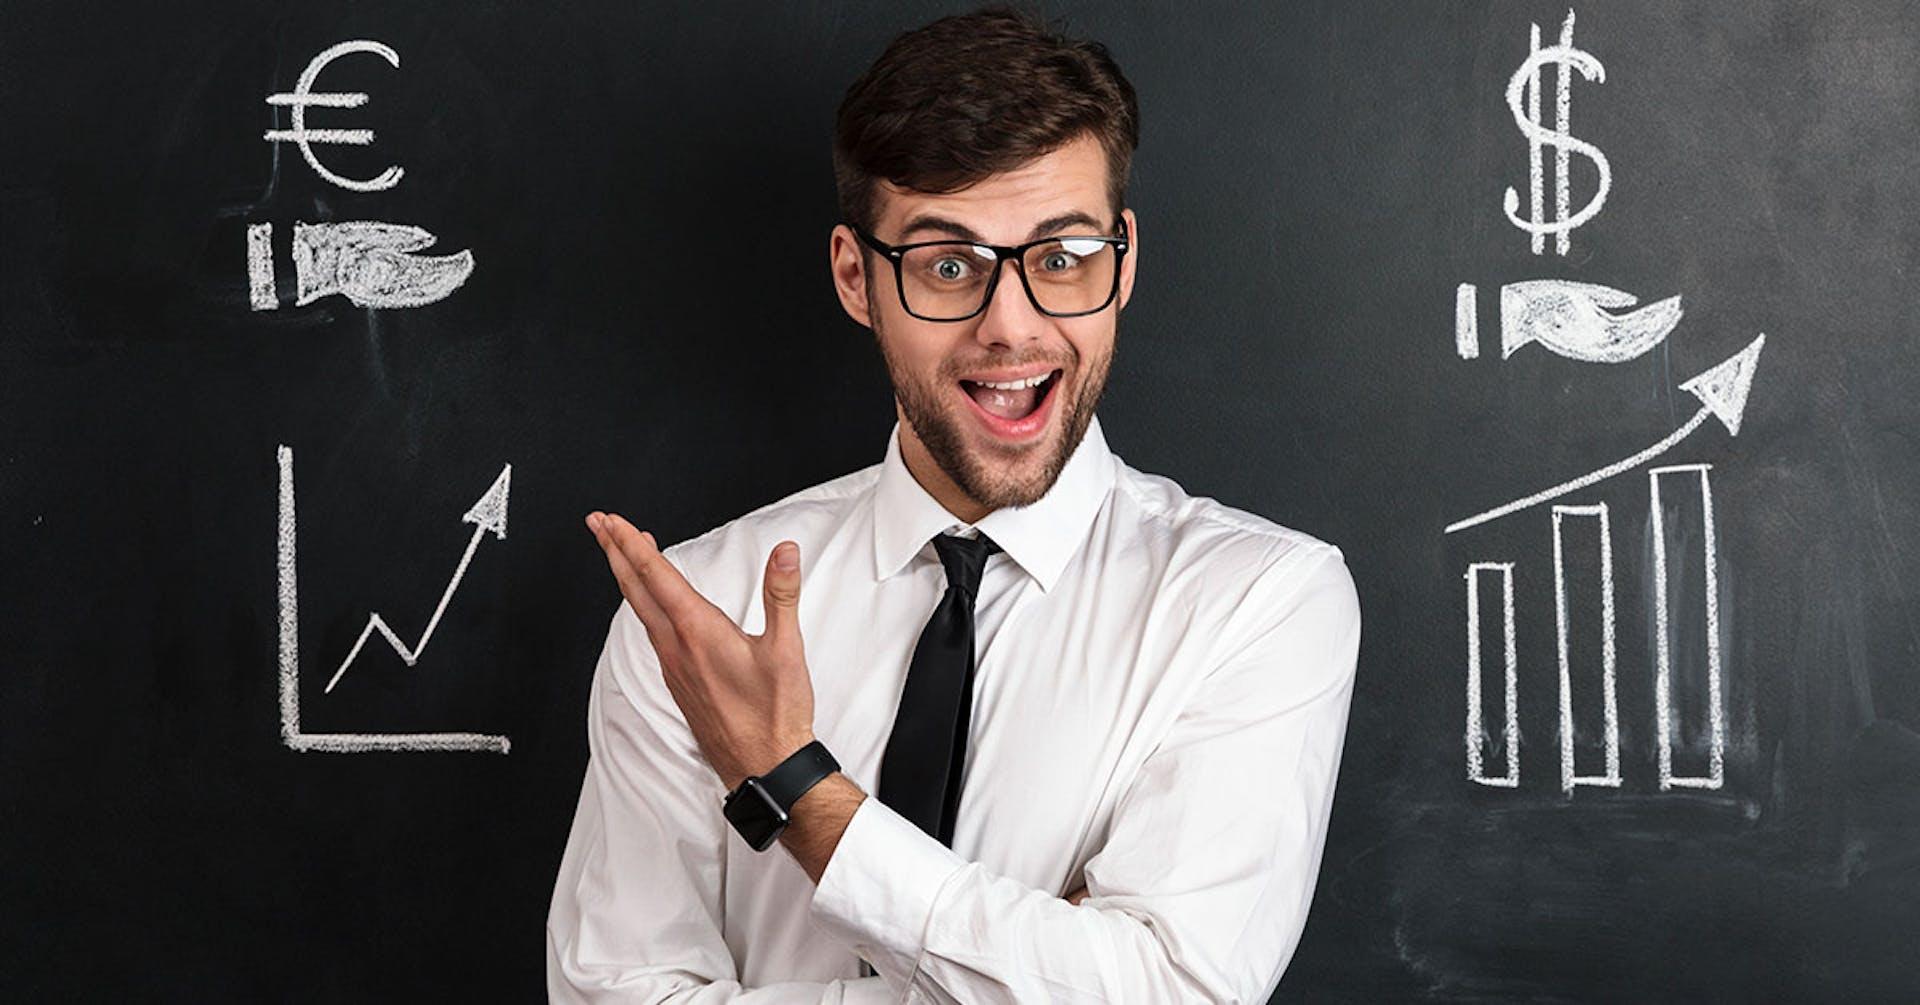 ¡Los mejores cursos de finanzas para dominar el dinero este 2021!